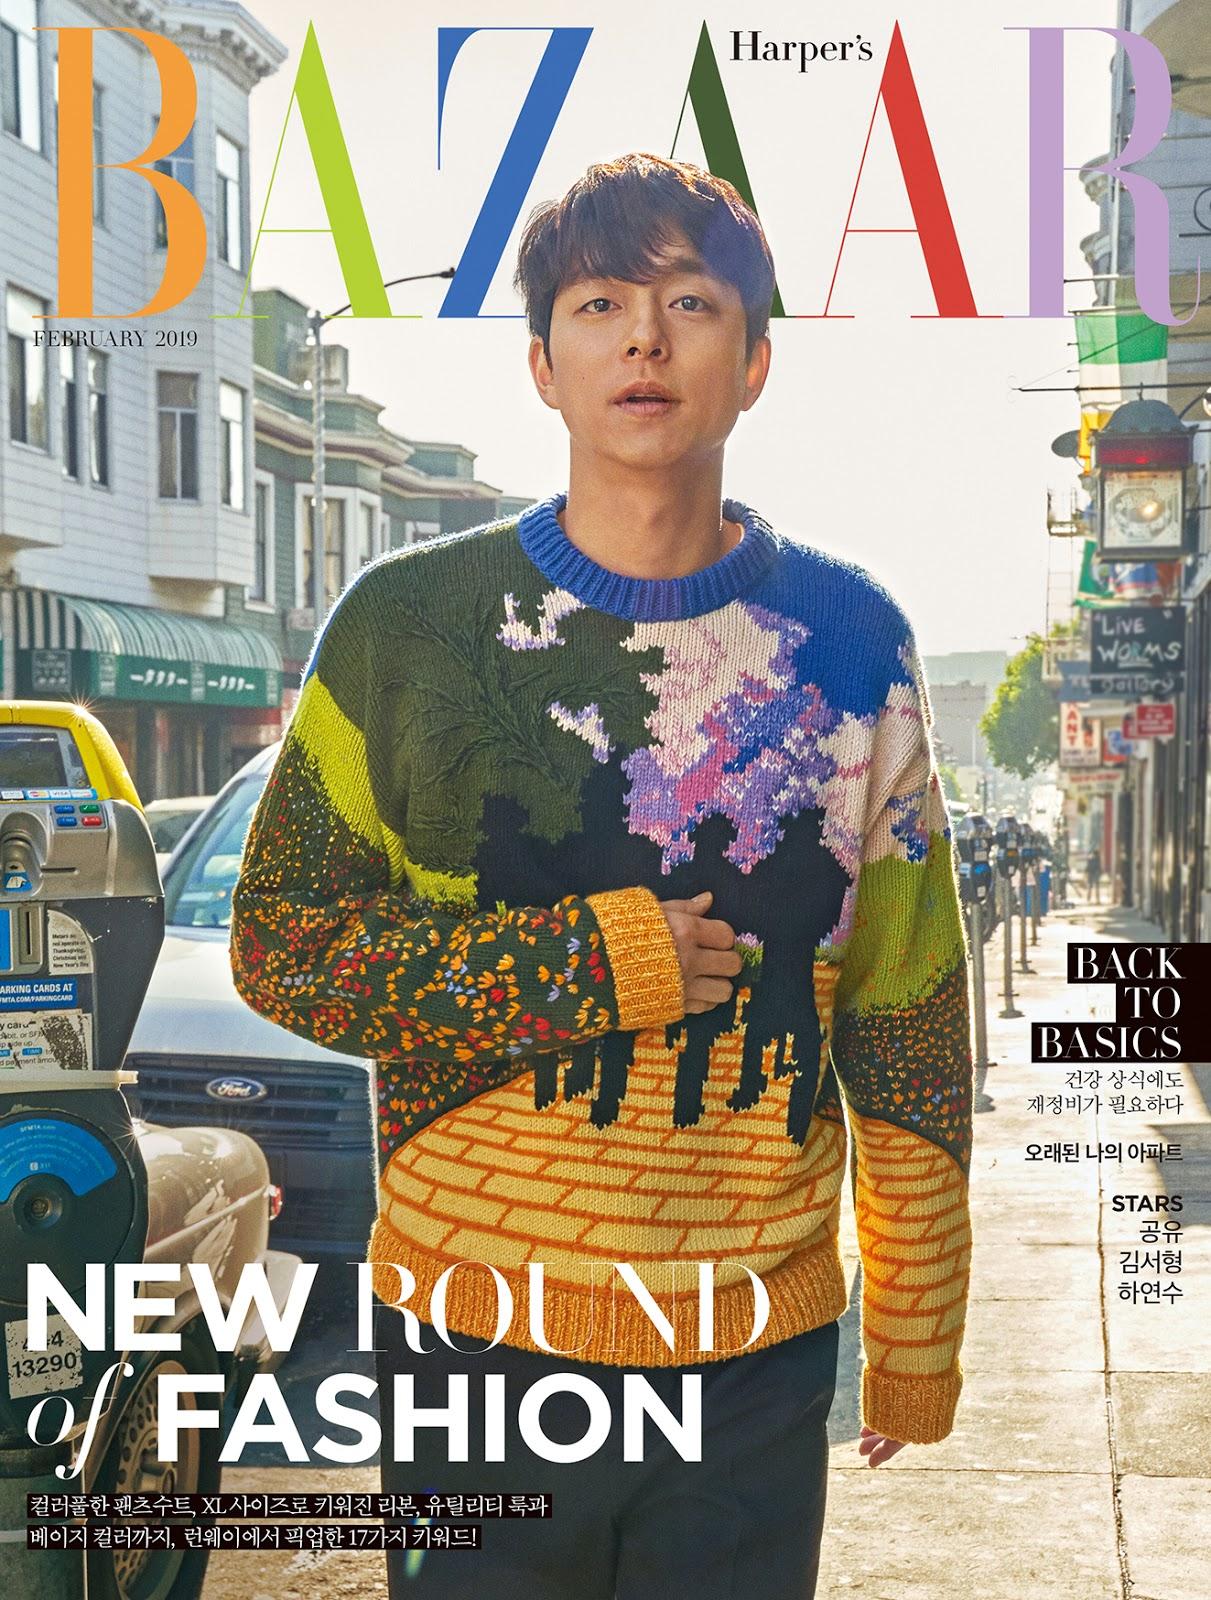 Gong Yoo Harper's Bazaar 2019 February | Sunshineemine